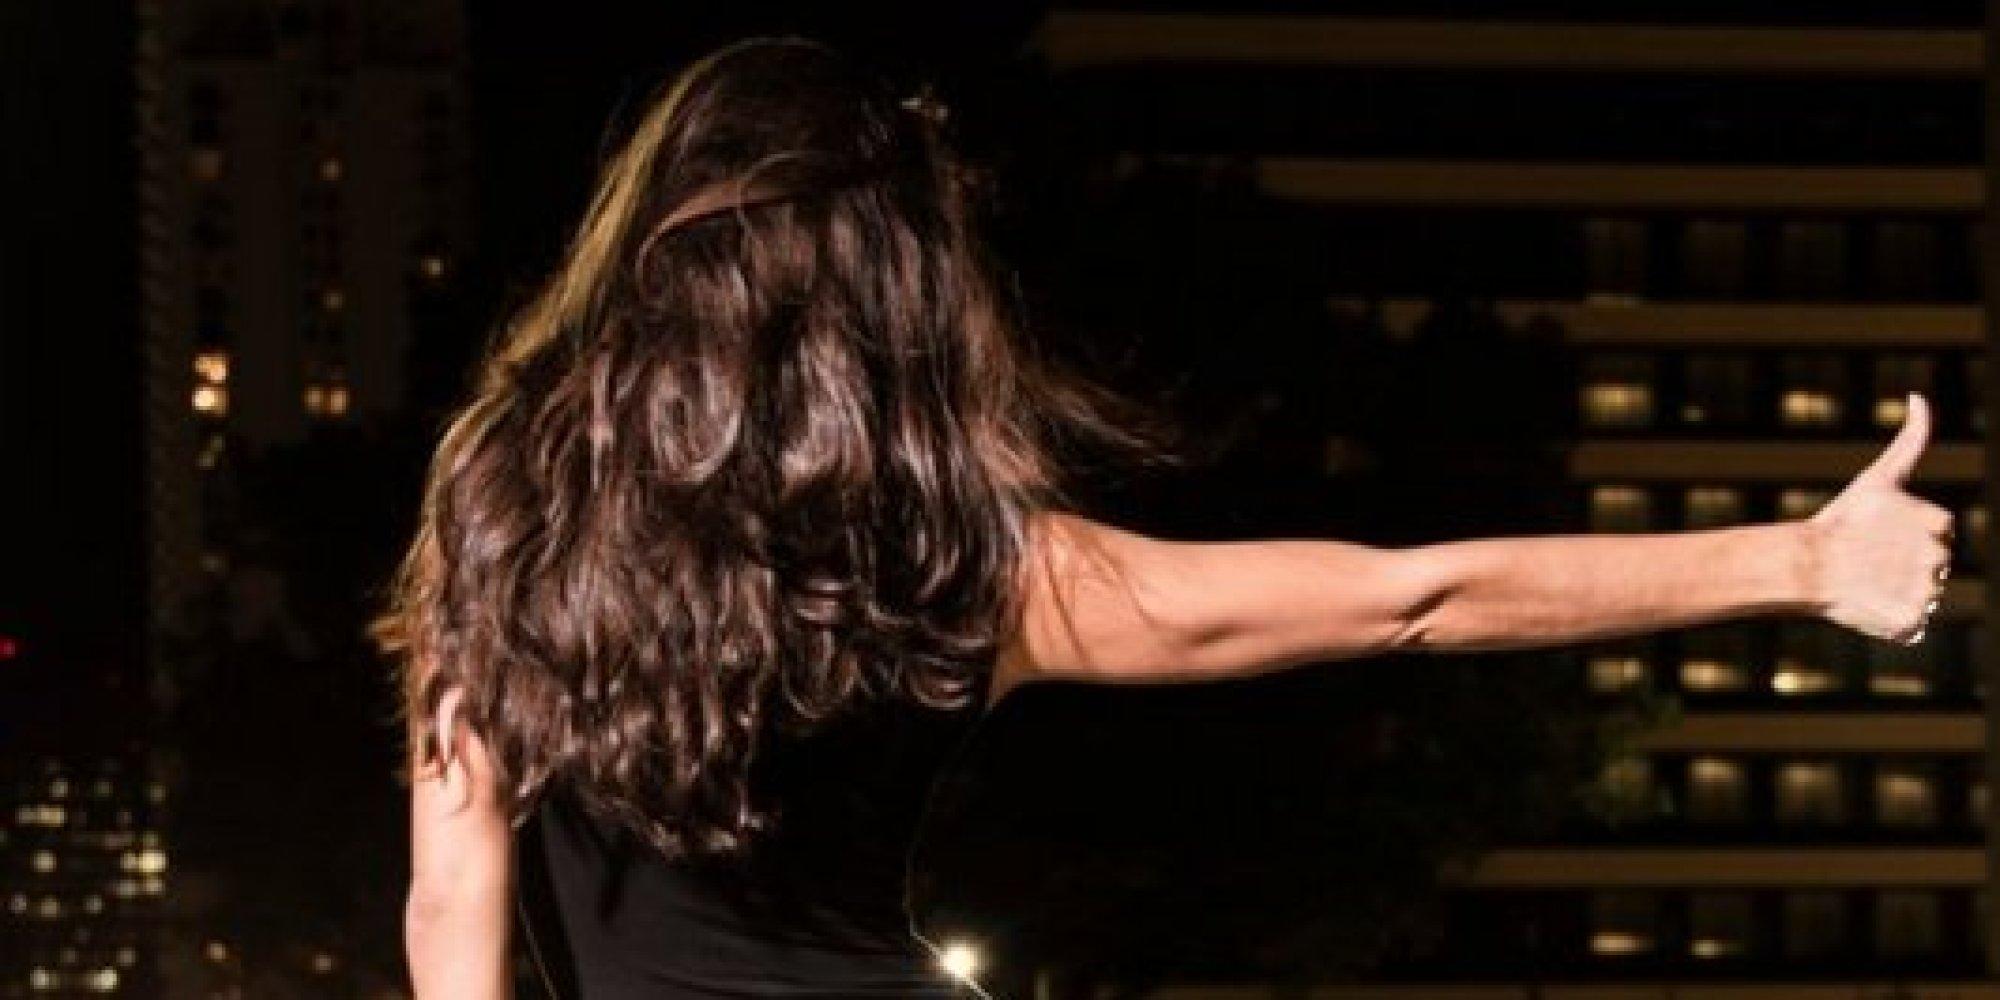 videos de prostitutas en españa prostitutas baratas carabanchel